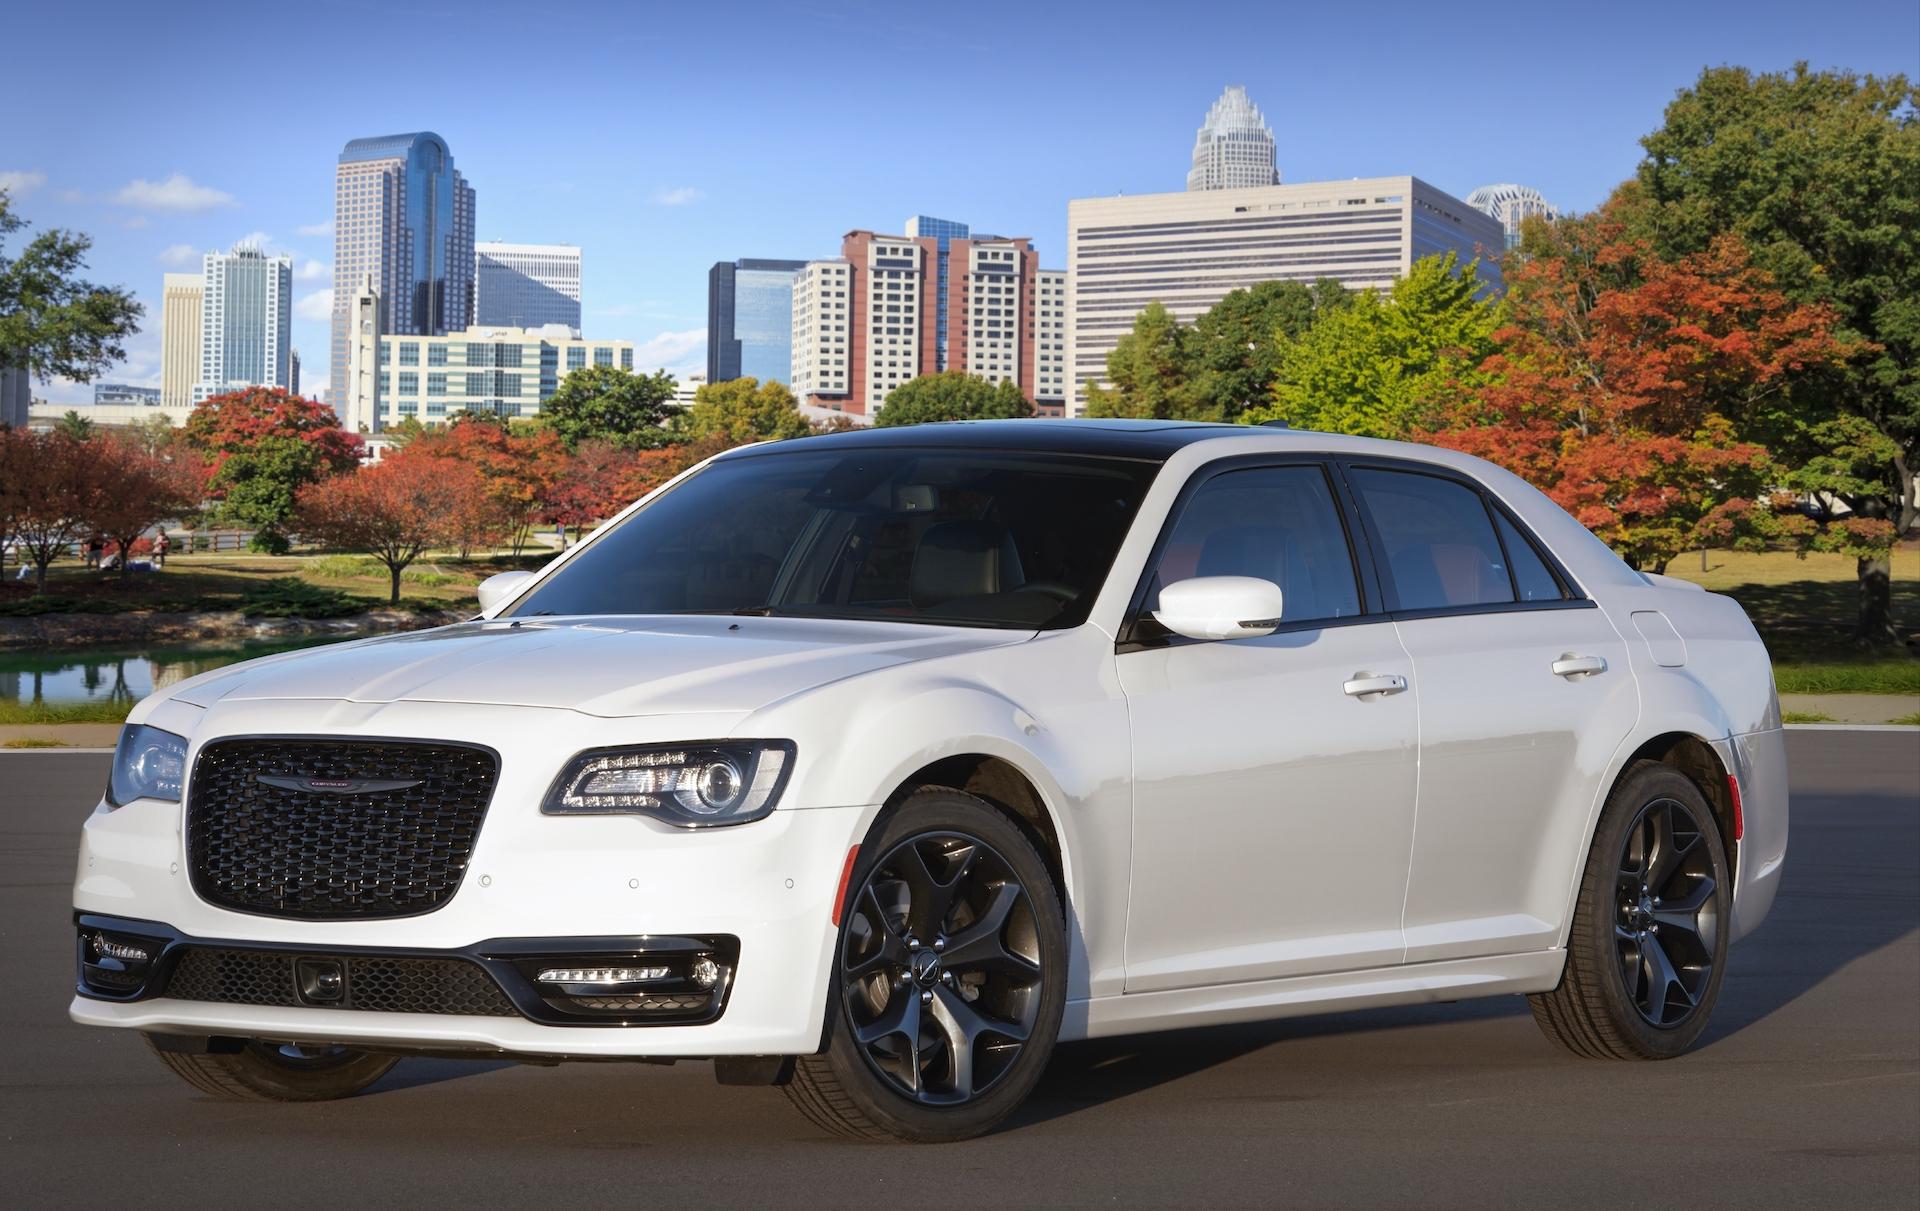 2020 Chrysler 300 Ratings